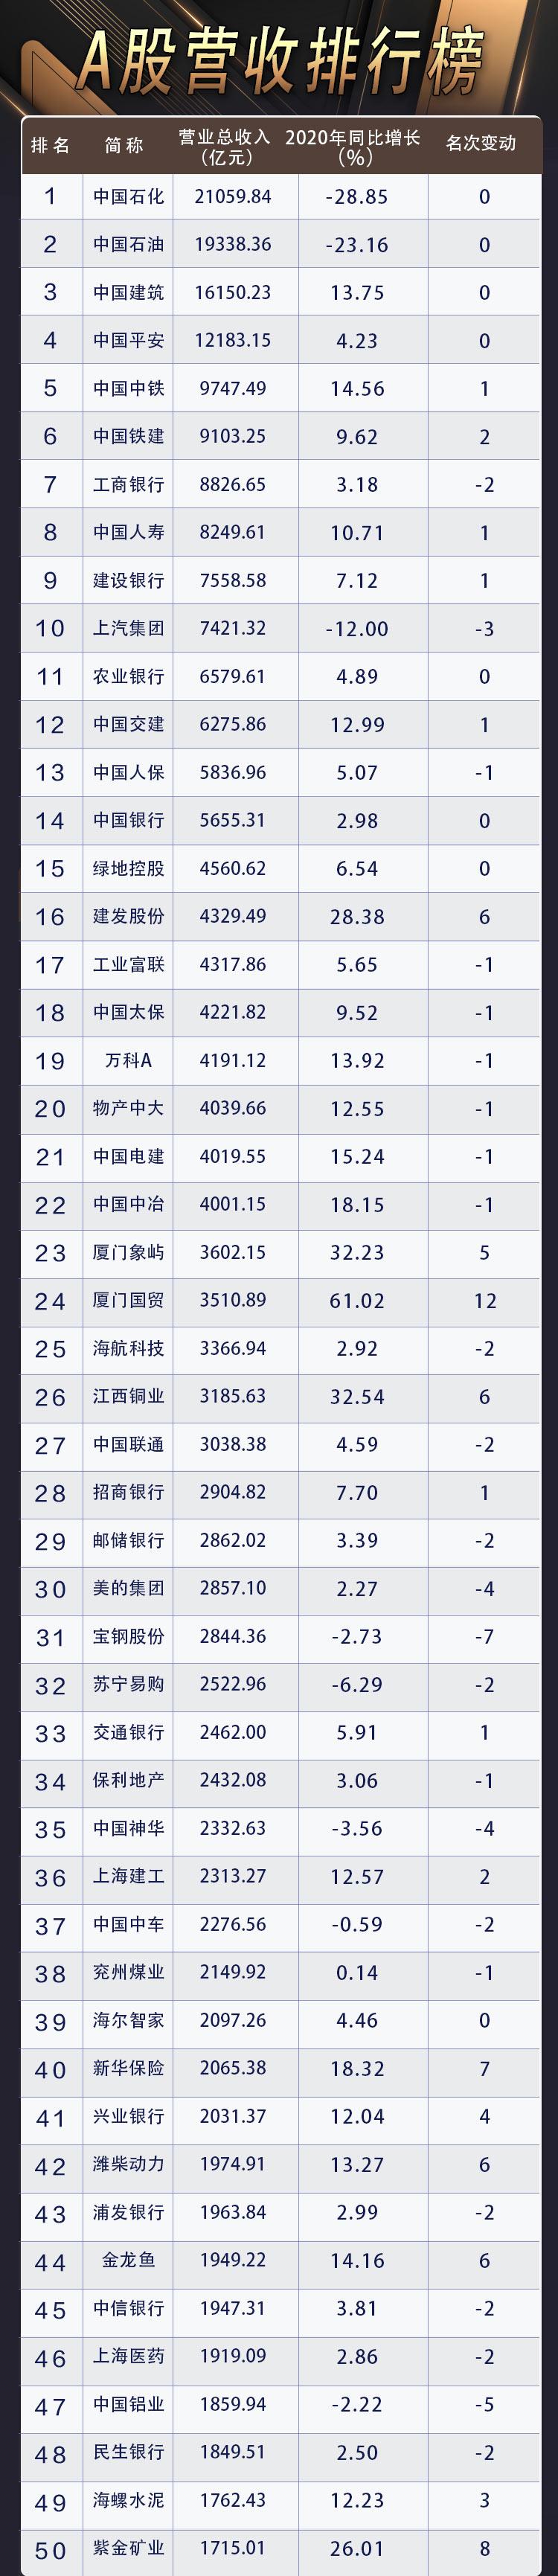 """百度seo培训_A股营收50强孝顺A股五成收入 两桶油收入超22省GDP!若干公司""""富可敌省""""插图1"""